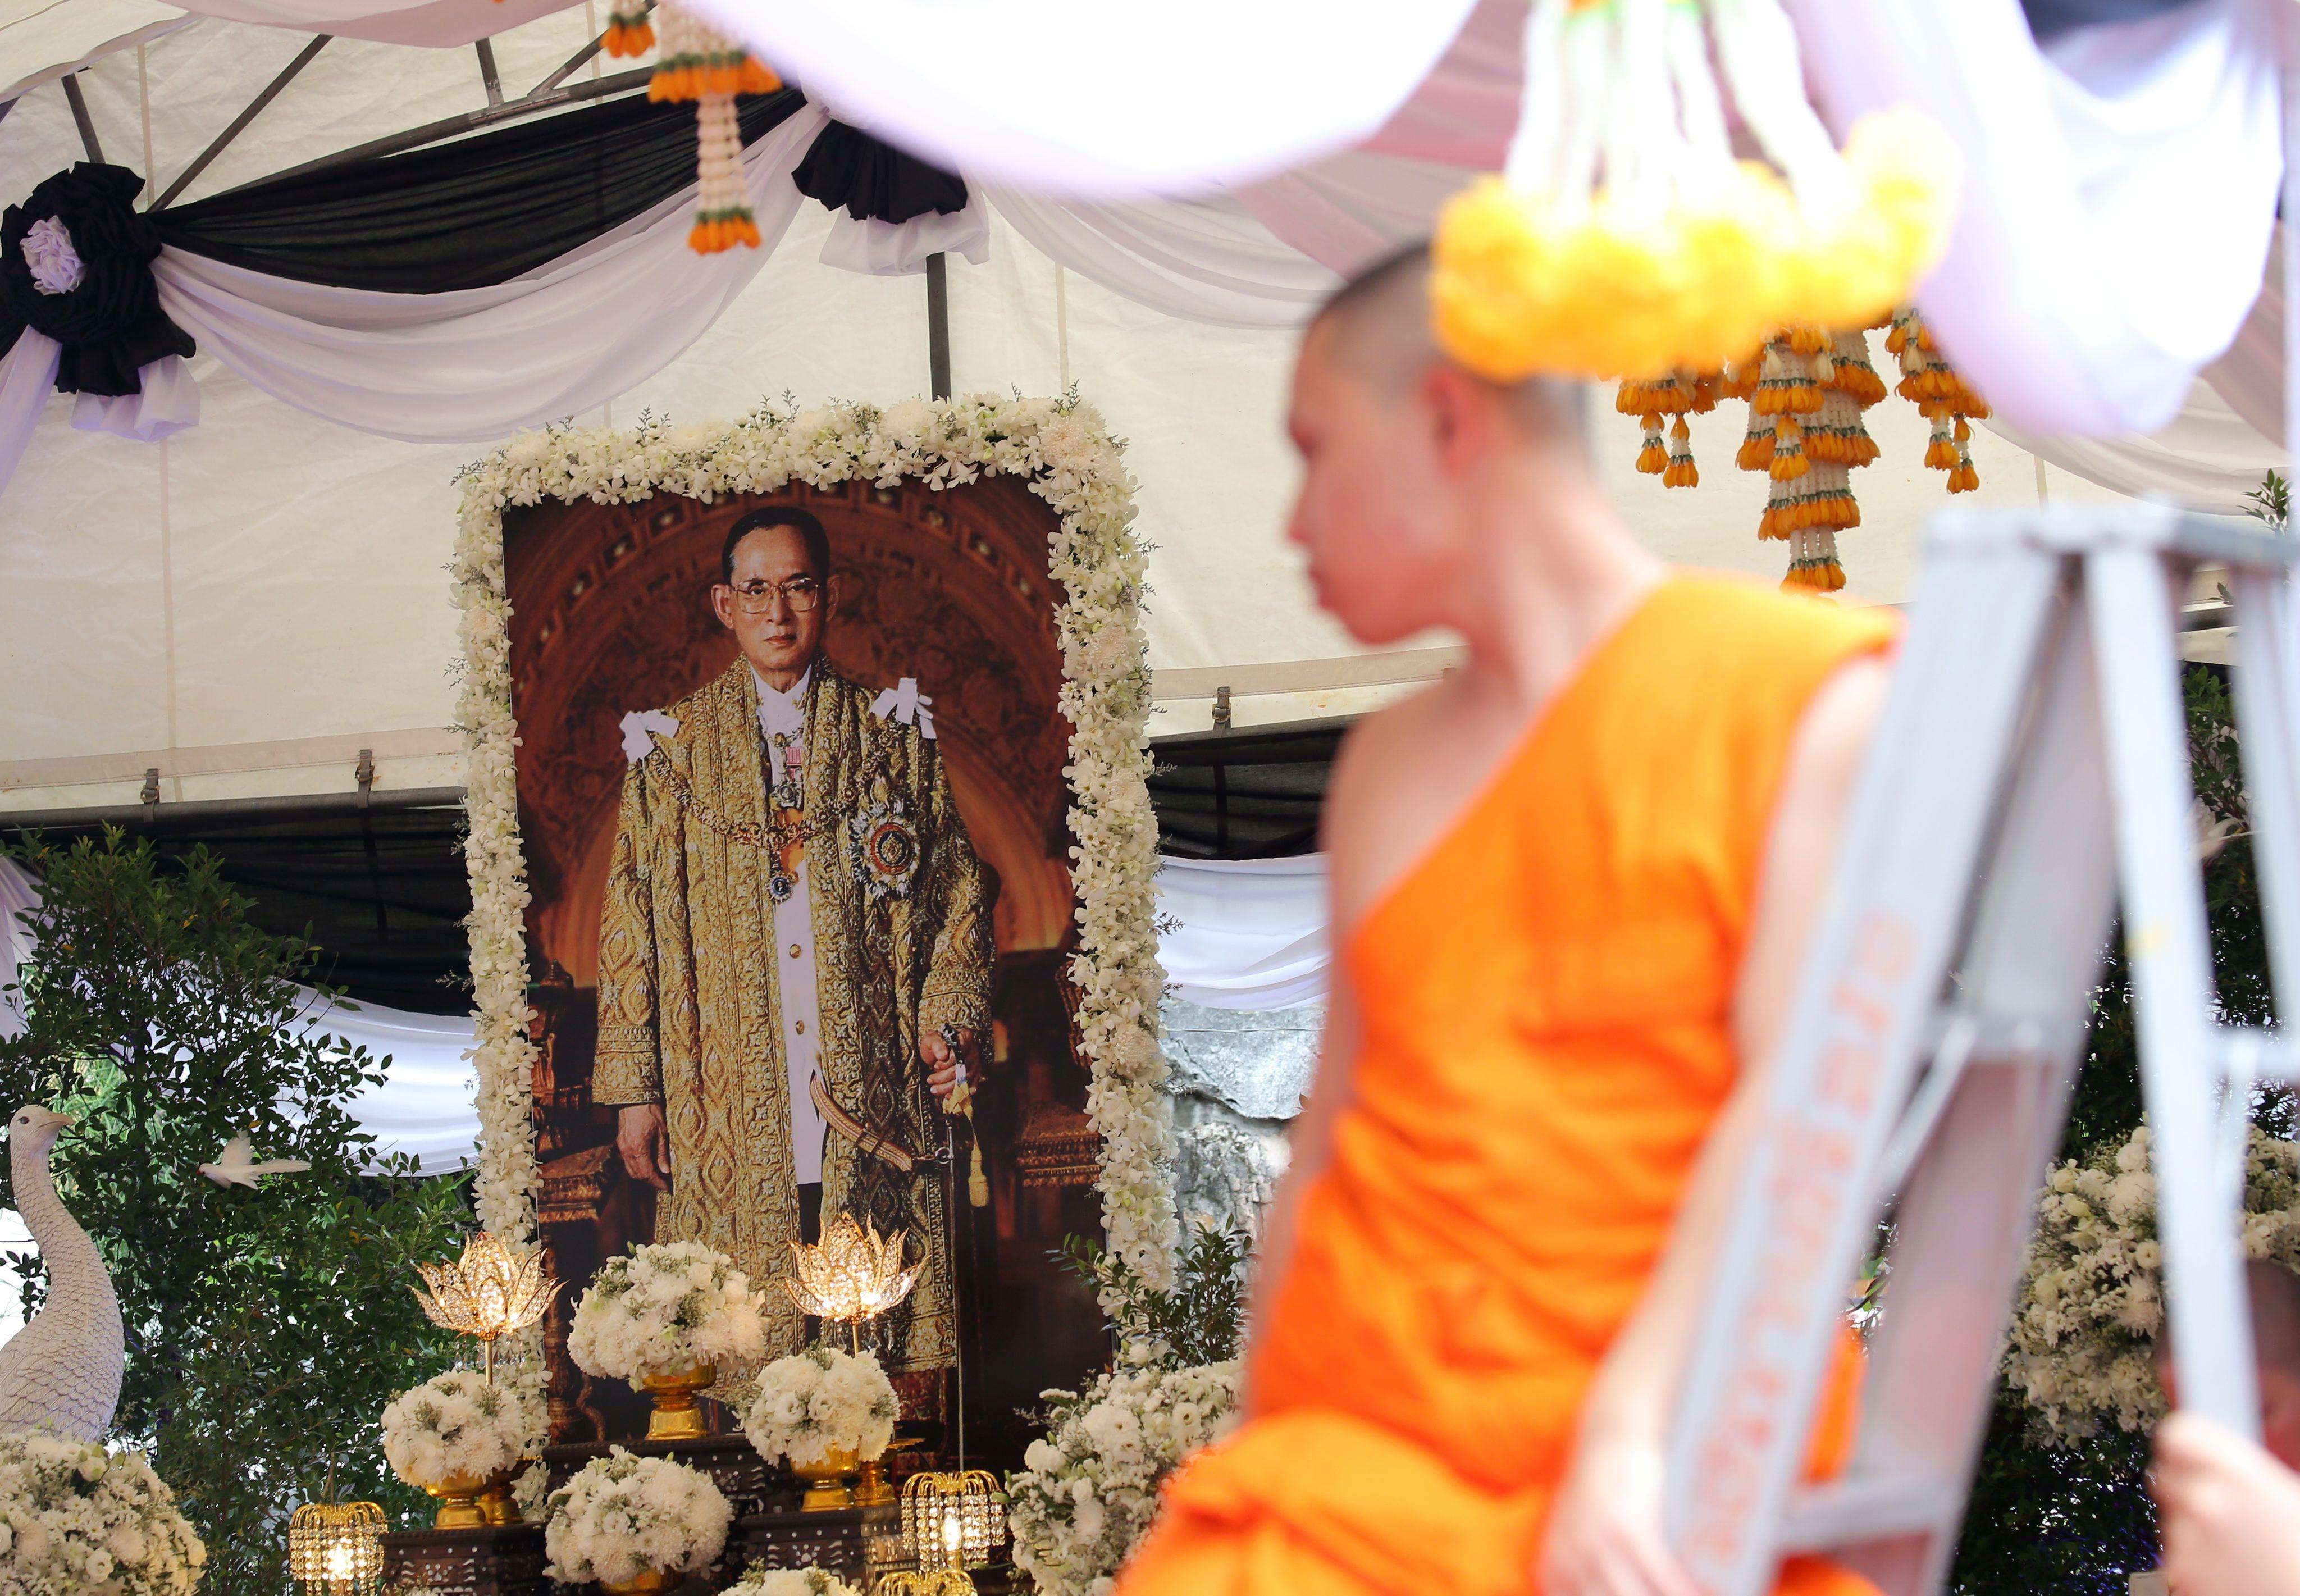 Tajlandia opłakuje zmarłego władcę. 88-letni Bhumibol był najdłużej panującym monarchą na świecie - zasiadał na tronie od 70 lat.